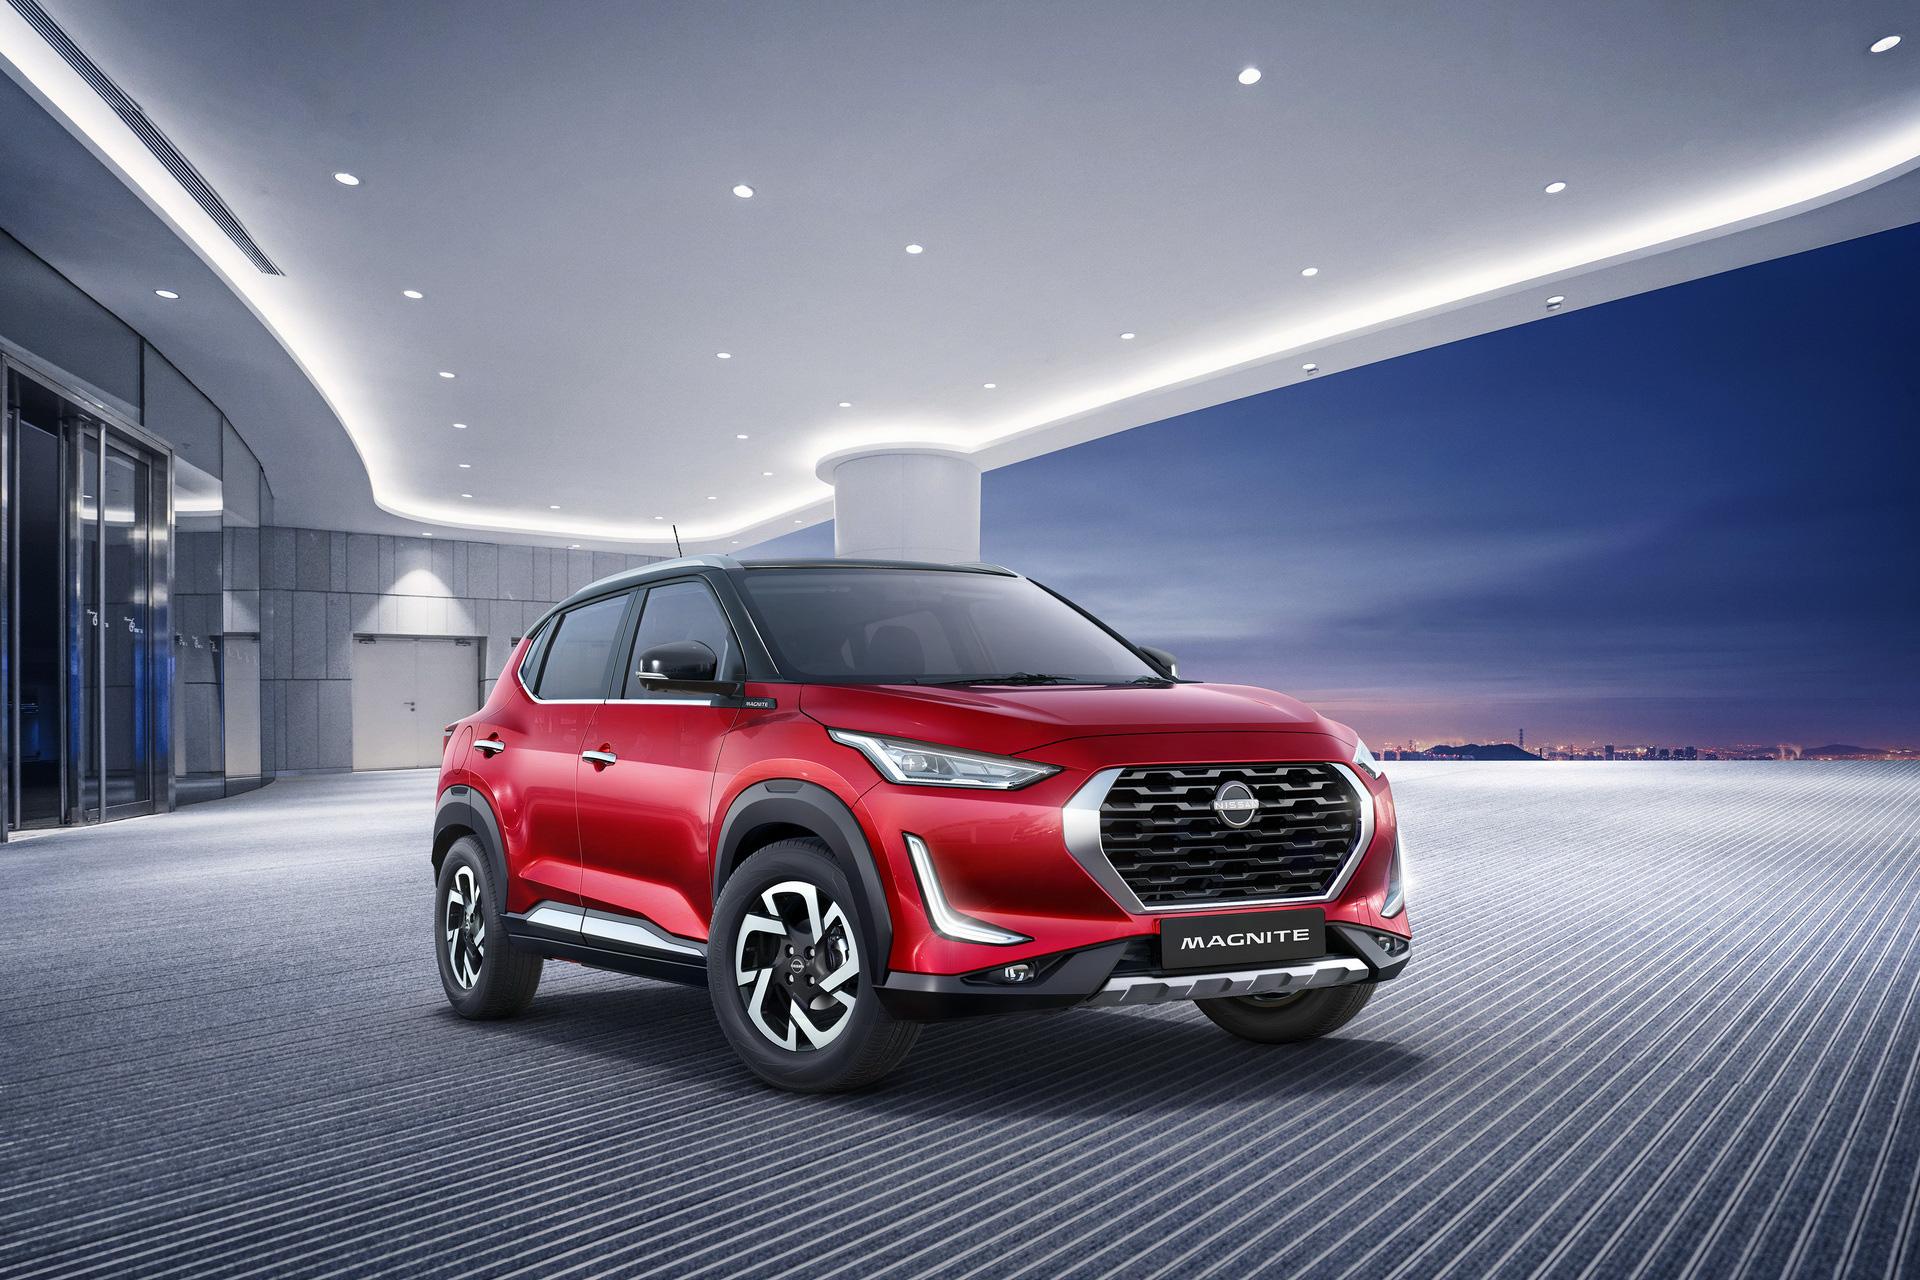 Nissan Magnite hoàn toàn mới ra mắt: SUV dưới 4 mét giá rẻ, nếu về Việt Nam dễ lập kỳ tích